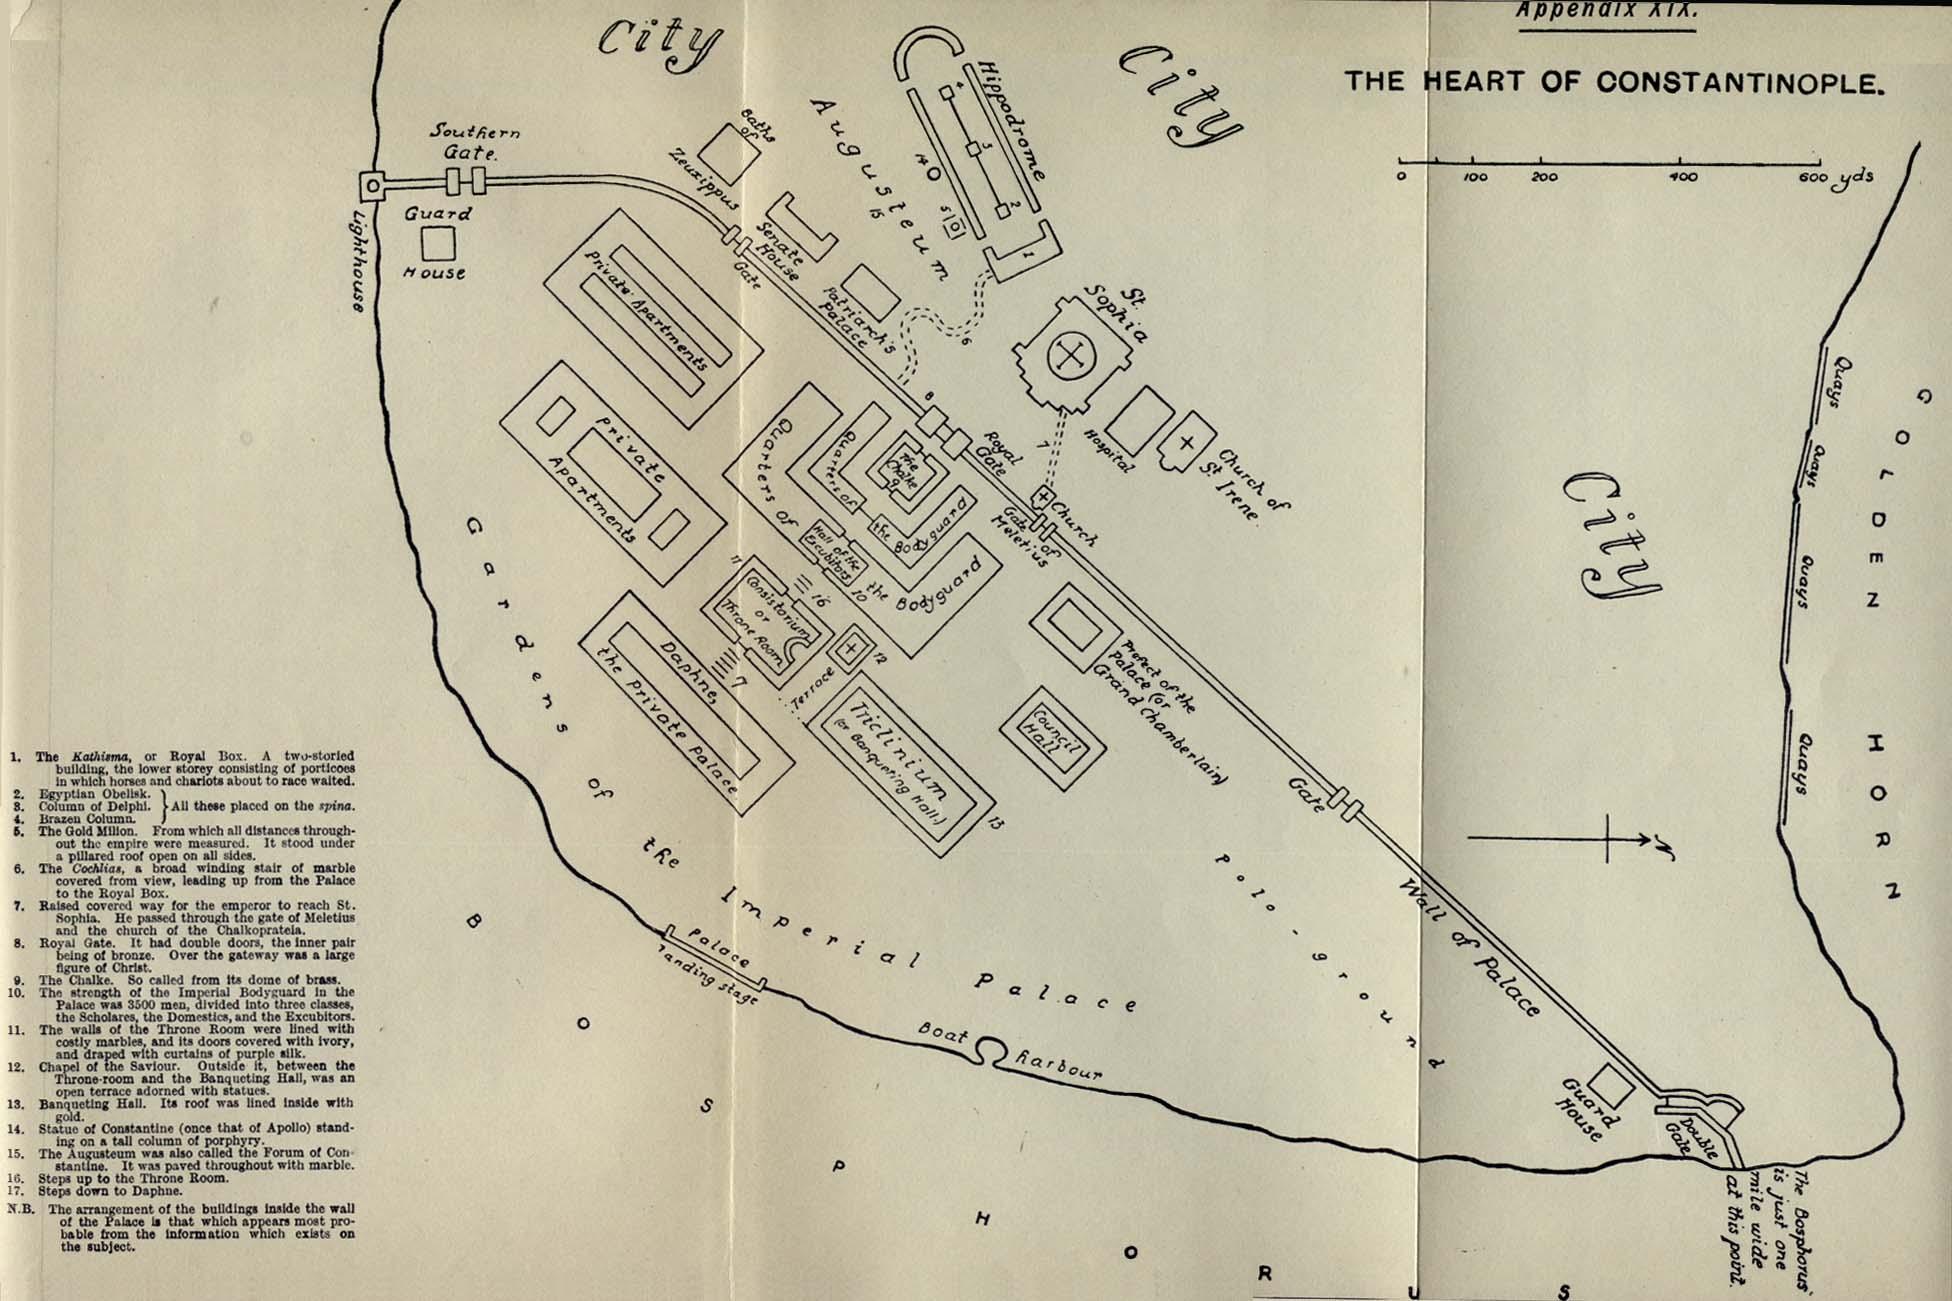 Mapa de Constantinopla (Estambul) 1916